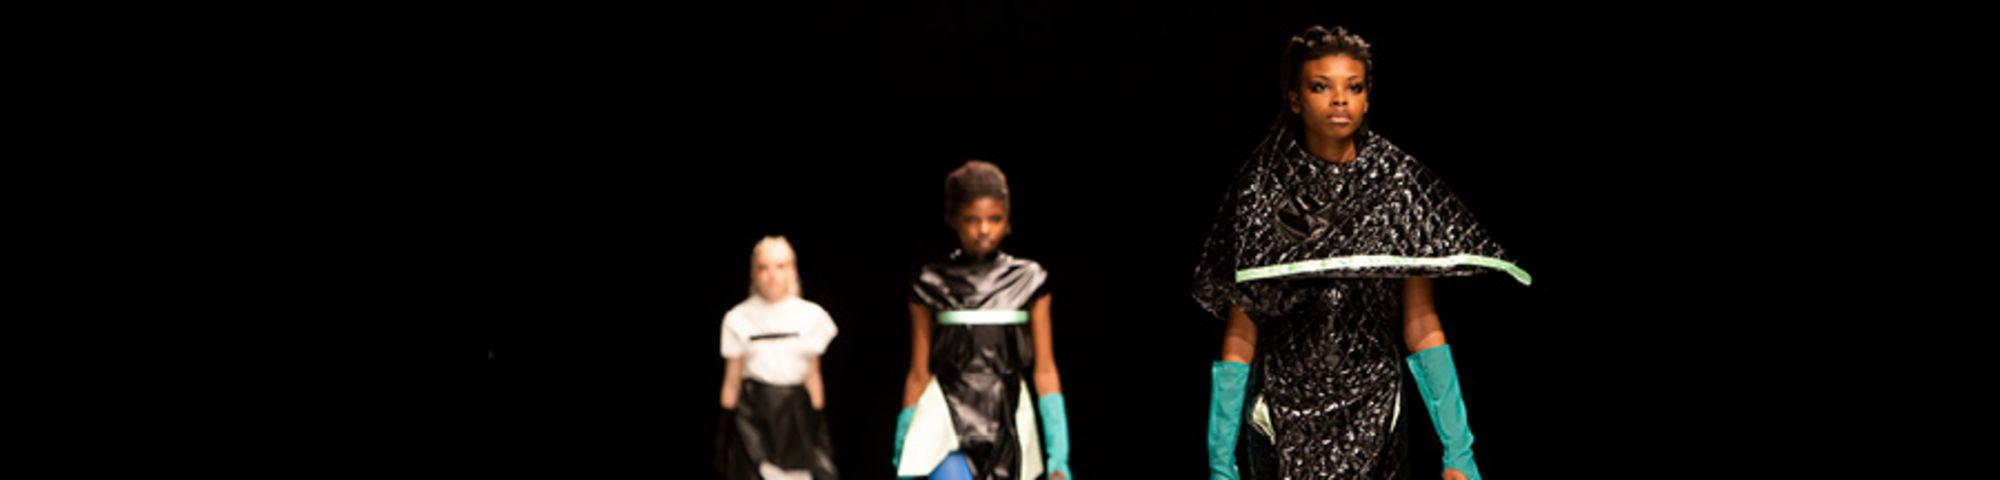 Models in striking designs on the runway